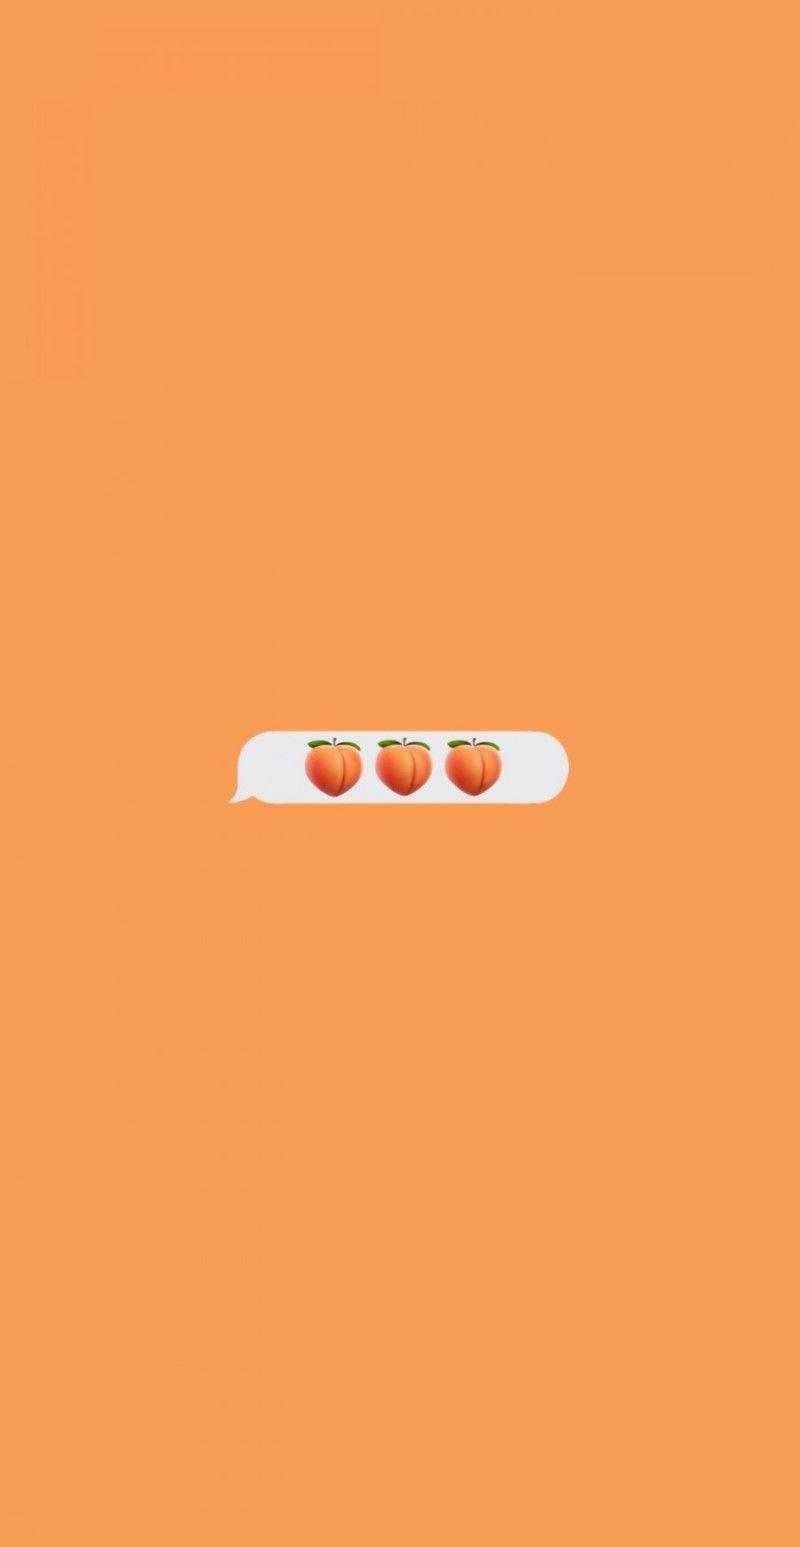 154 Blog Naver Orange Wallpaper Emoji Wallpaper Iphone Cute Pastel Wallpaper